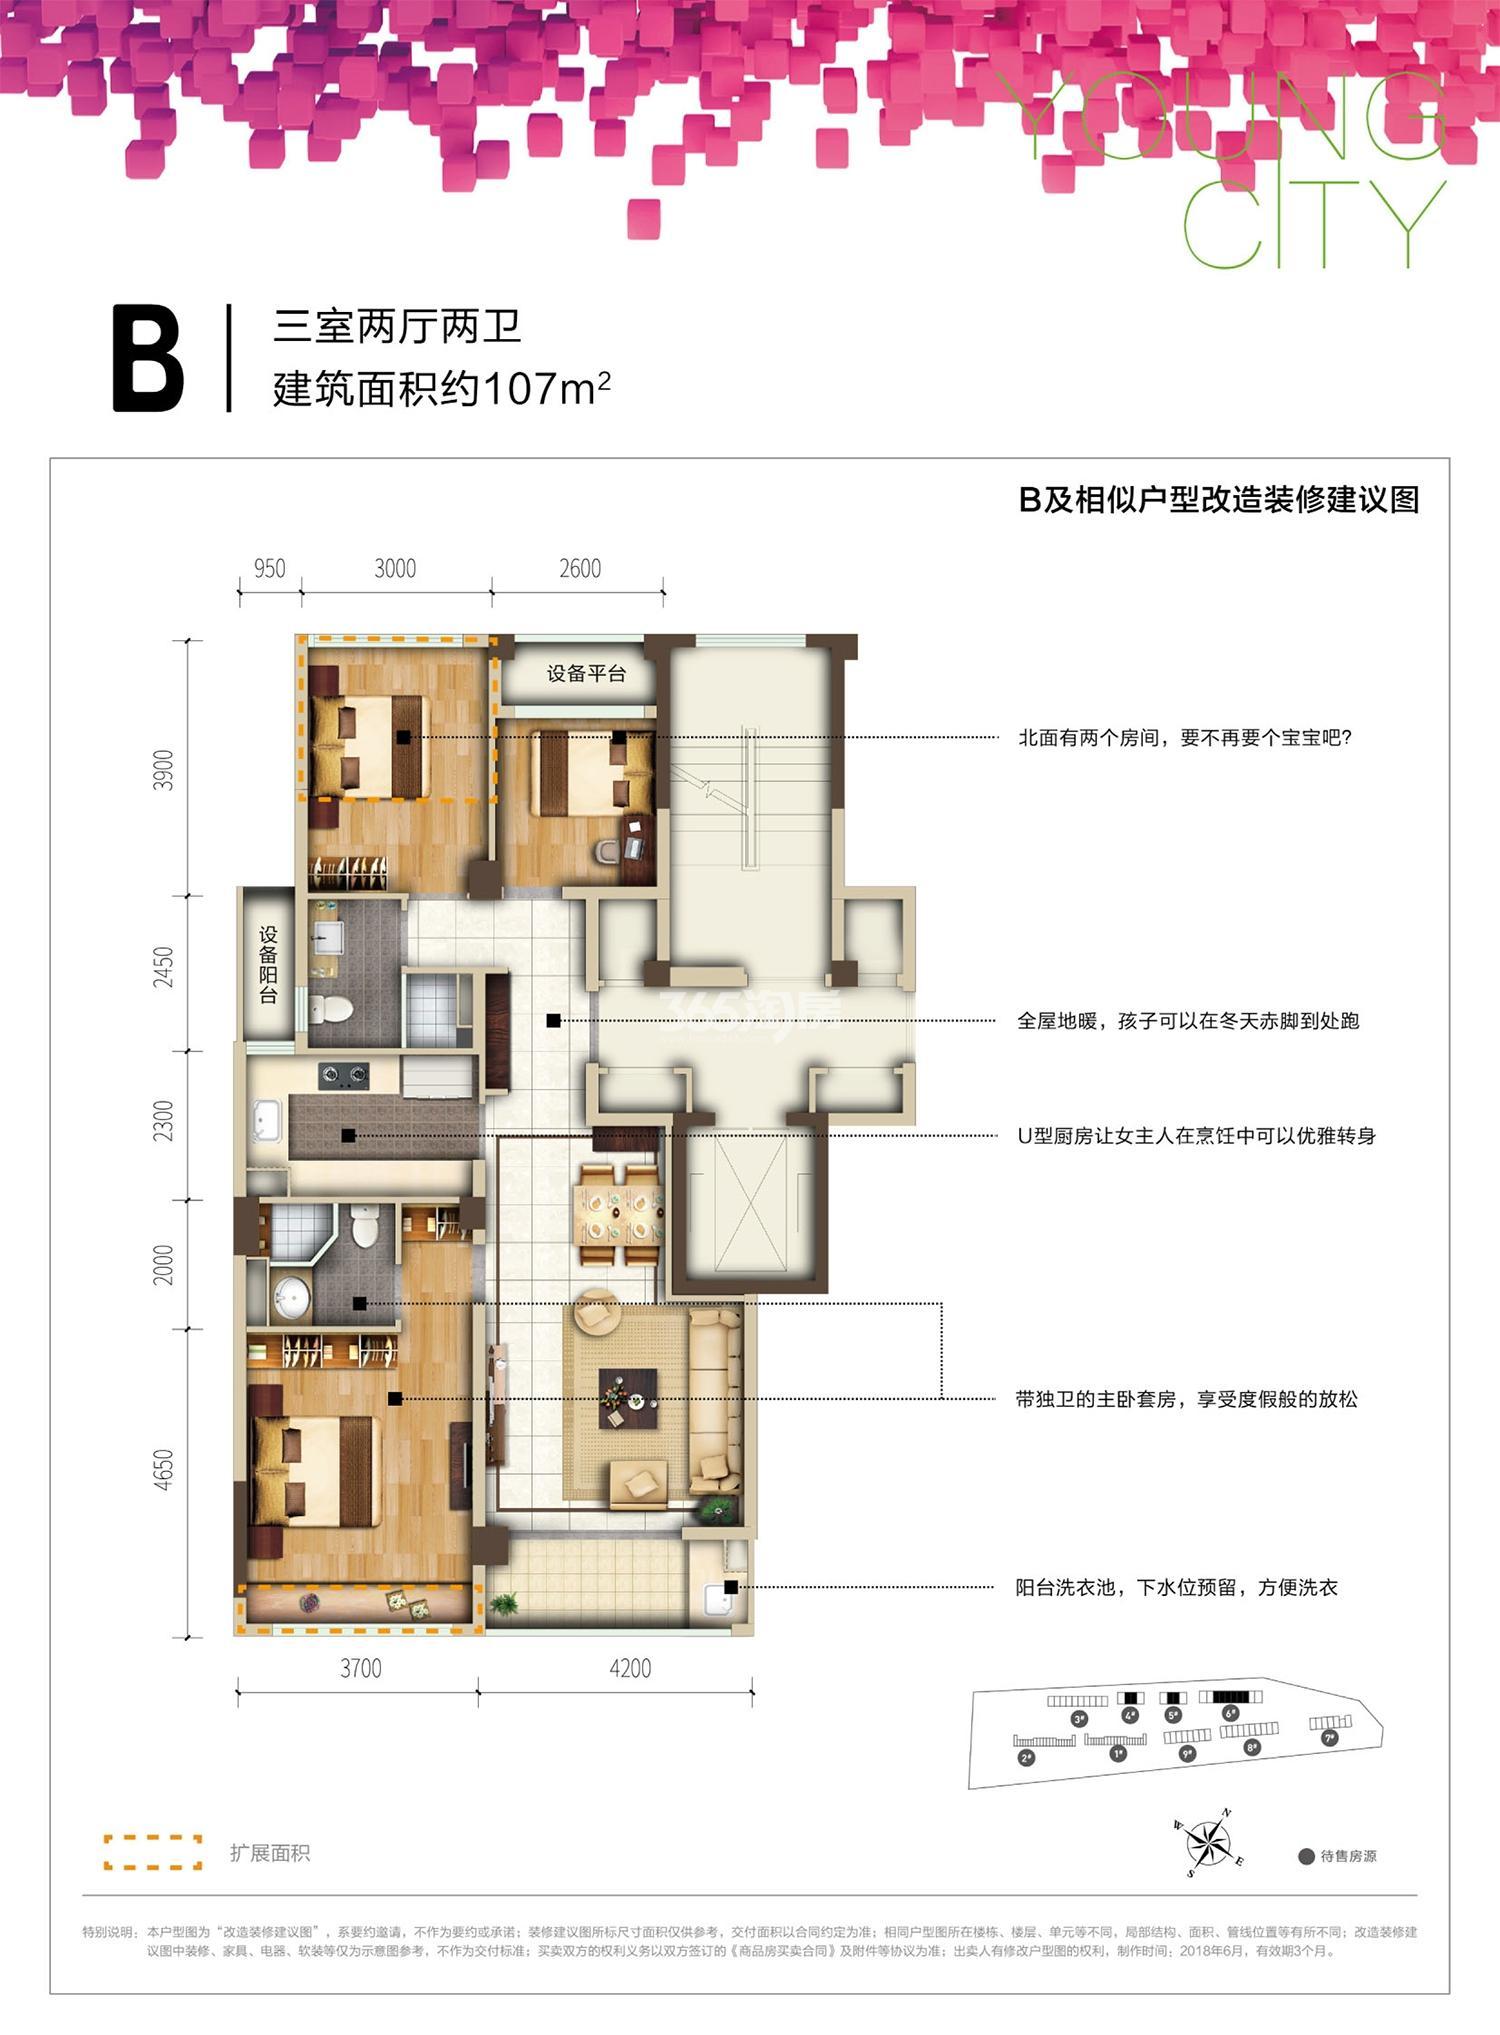 地铁绿城杨柳郡四期B户型约107㎡(5、6#中间套)